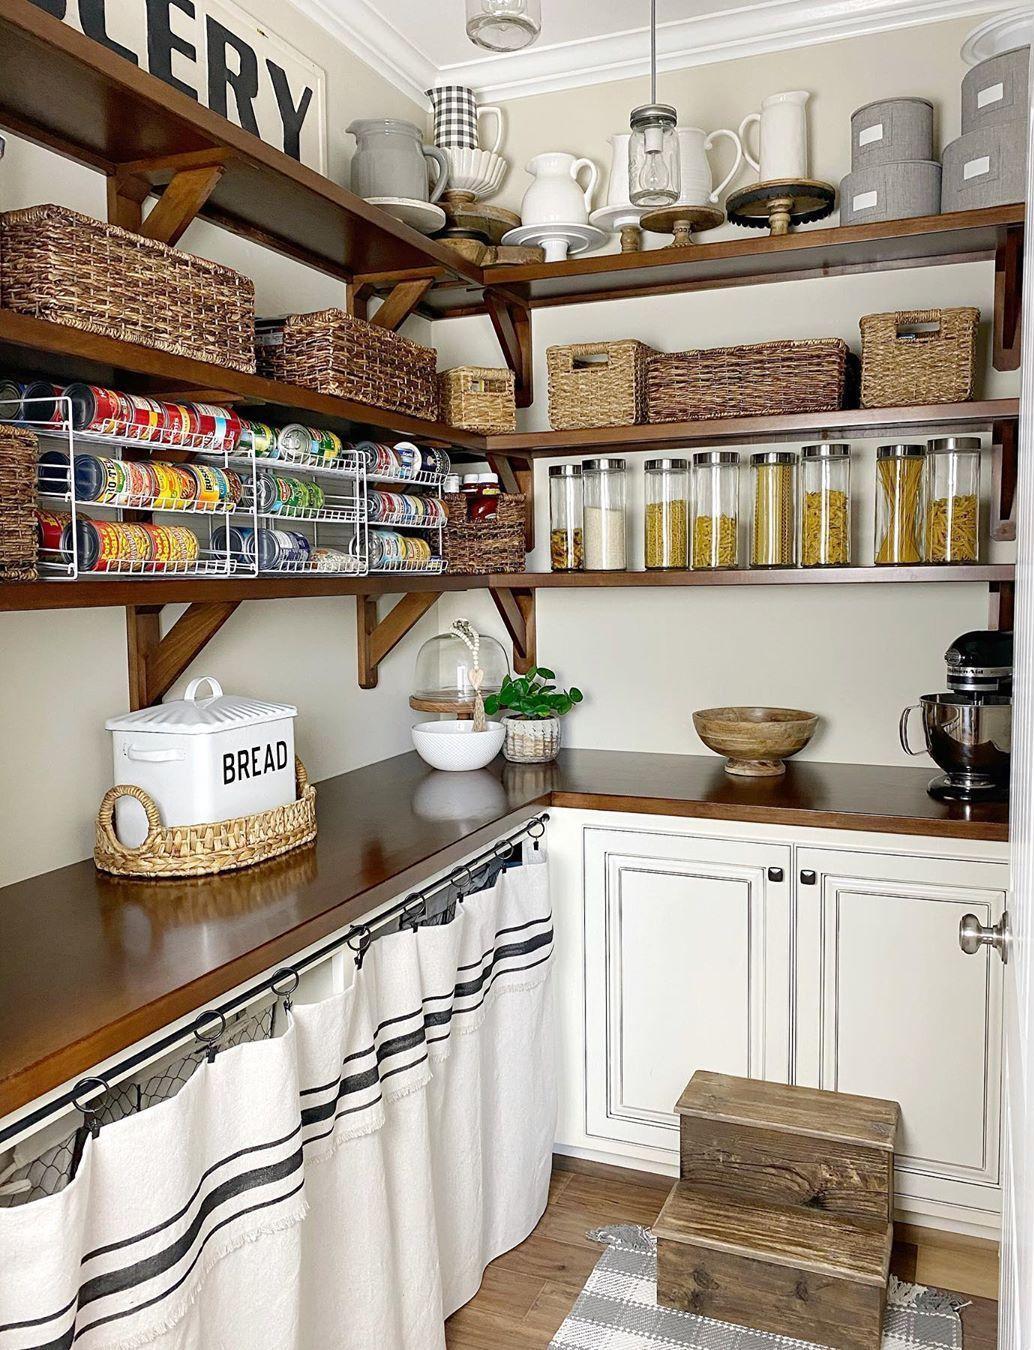 Farmhouse Kitchen Pantry Organisation über @thegatewayhome - Hier ist eine großartige Möglichkeit, die Speisekammer in Ihrer Küche zu organisieren!  Die dunkelbraunen Regale und beigen Weidenkörbe eignen sich perfekt für die Aufbewahrung von Lebensmitteln in Ihrer Speisekammer.  Gläser und weiße Krüge sorgen für einen schönen ländlichen Touch.